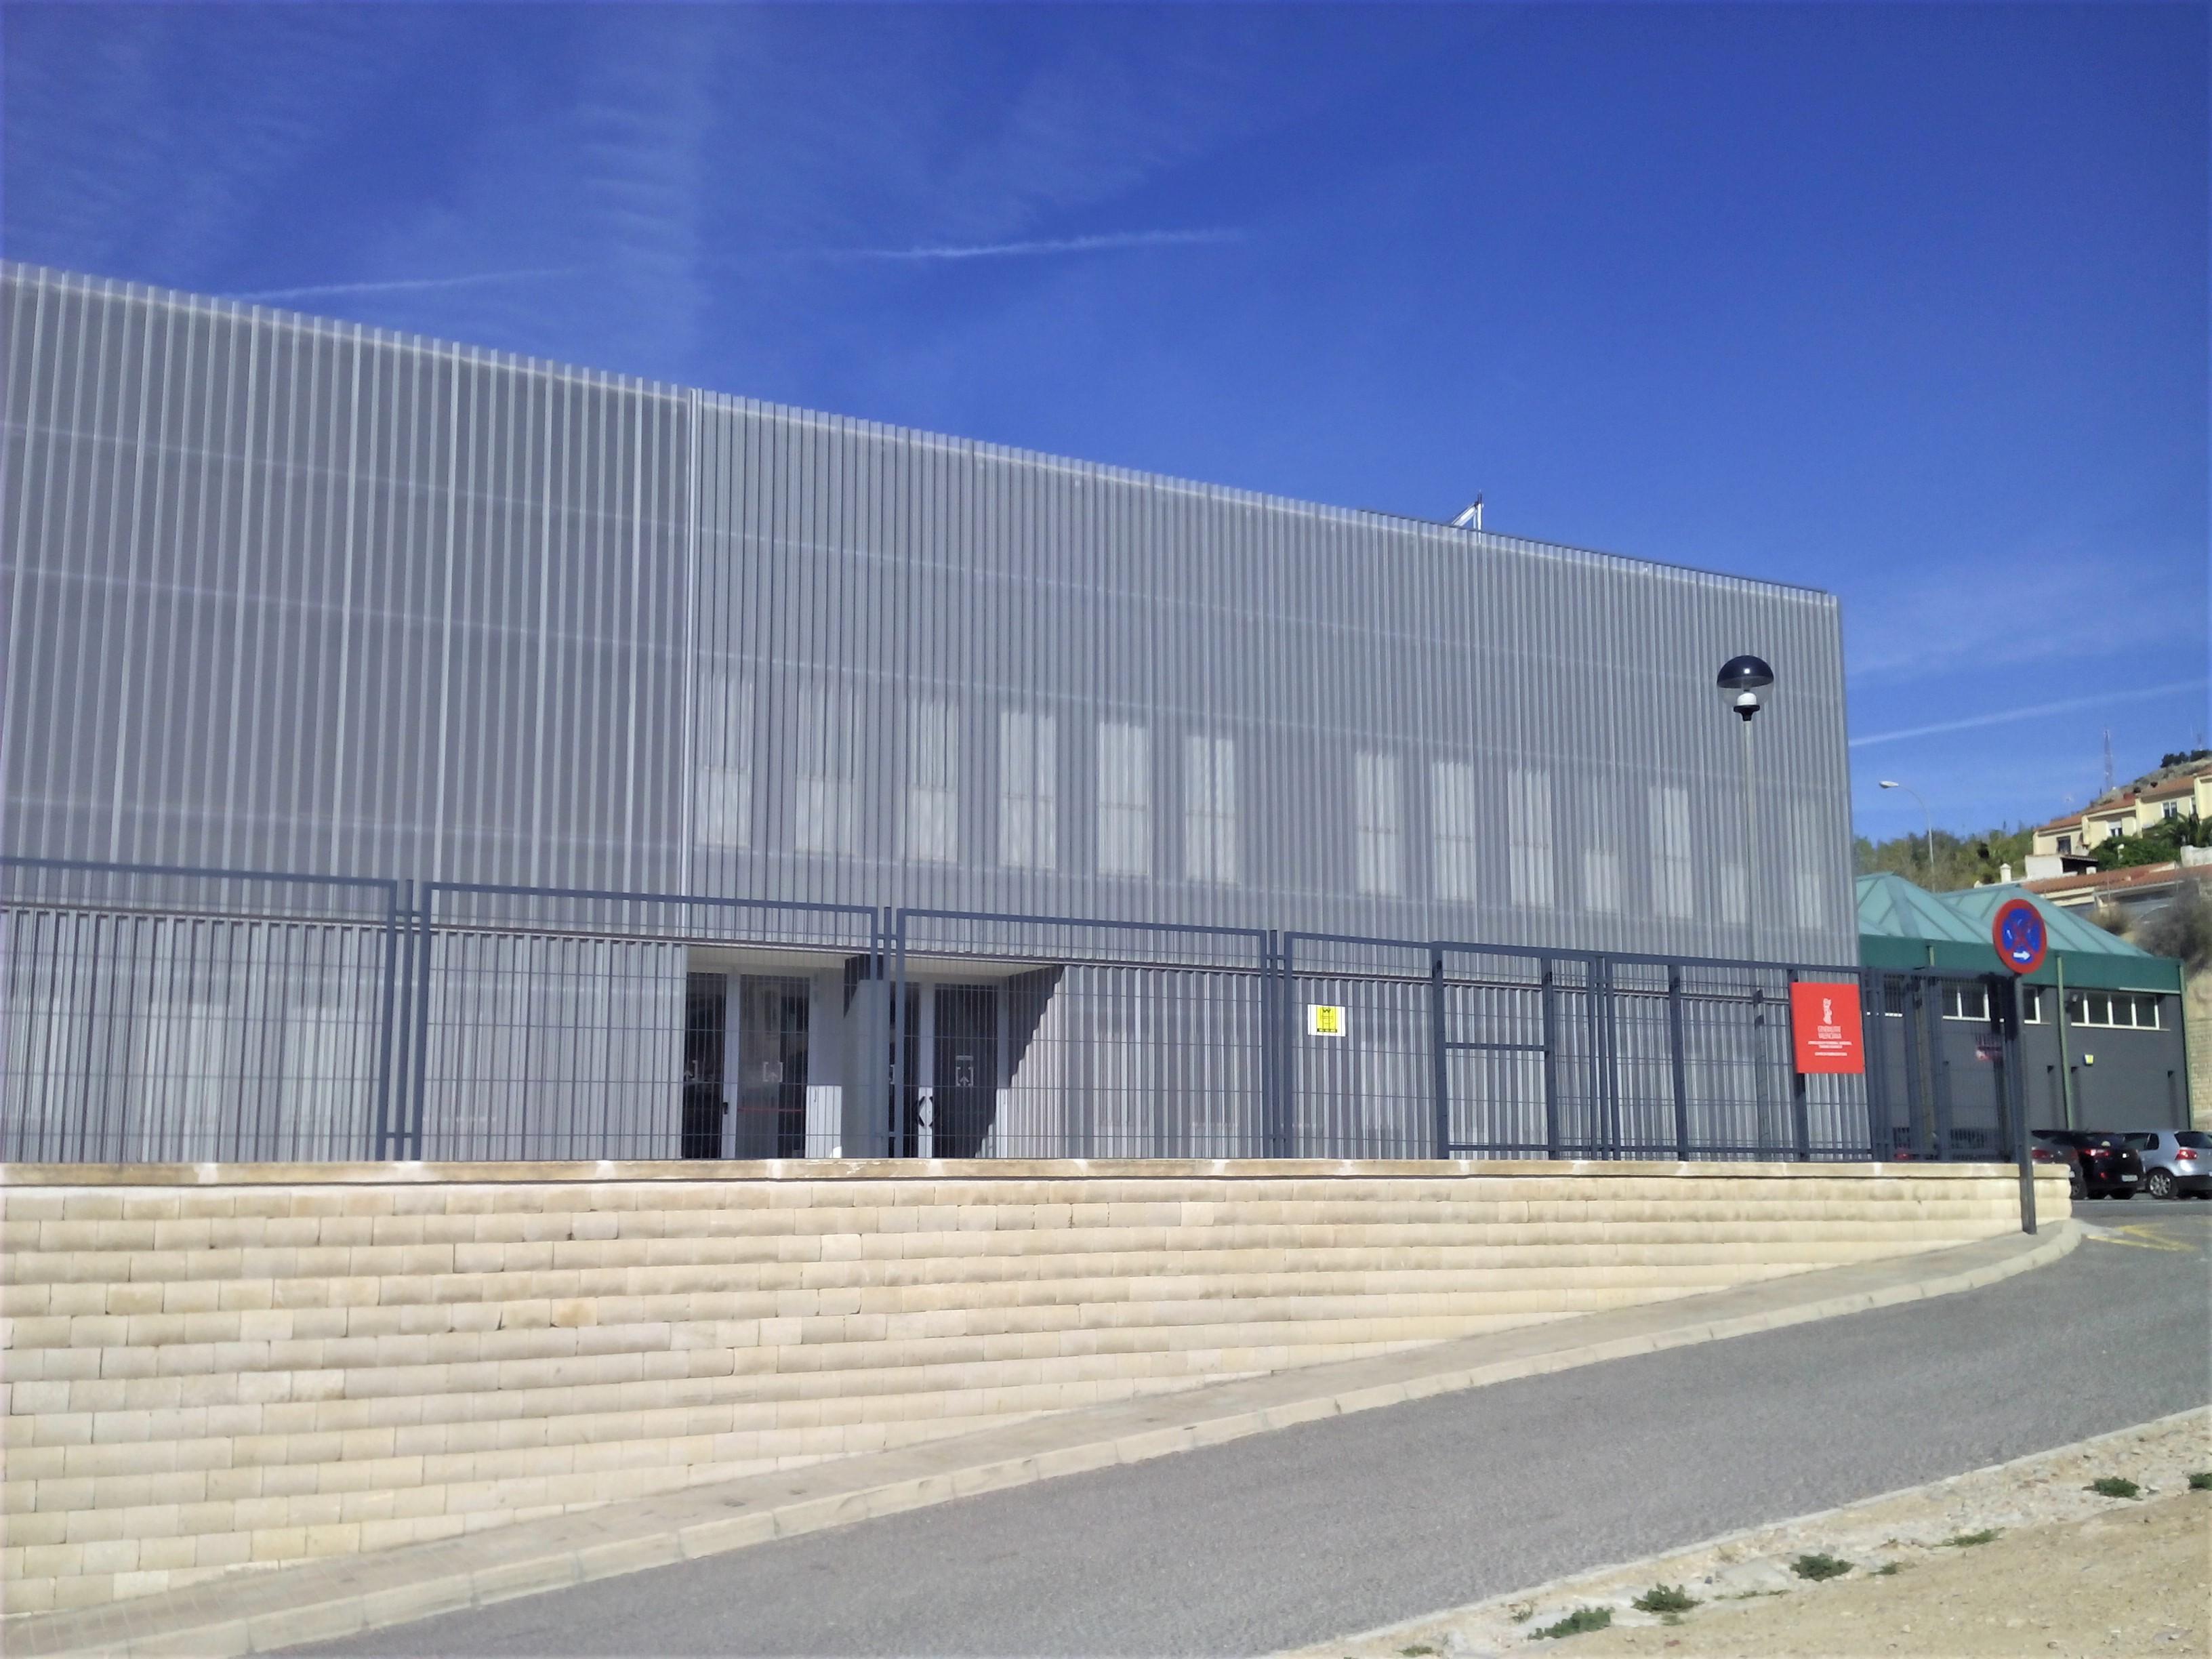 Labora ofrece en Elda formación en reparación de calzado, marroquinería y climatización para trabajadores sin empleo